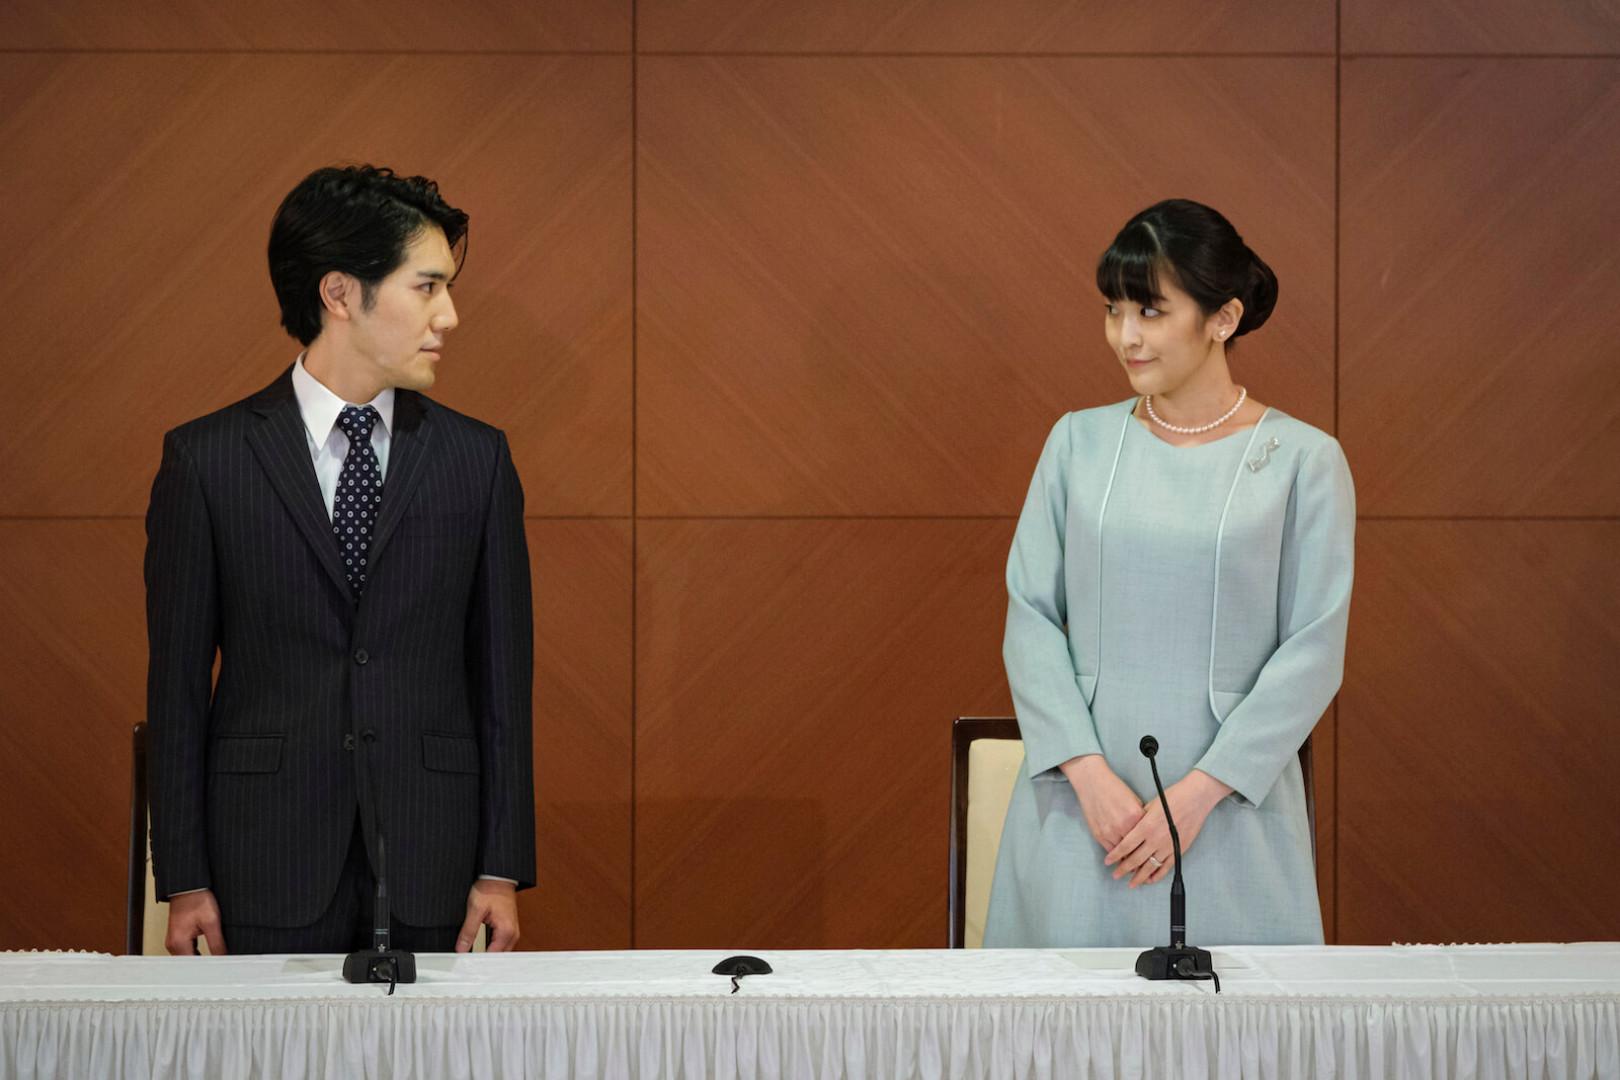 真子公主婚後成平民 日本皇室的生存危機/內有皇室家族圖